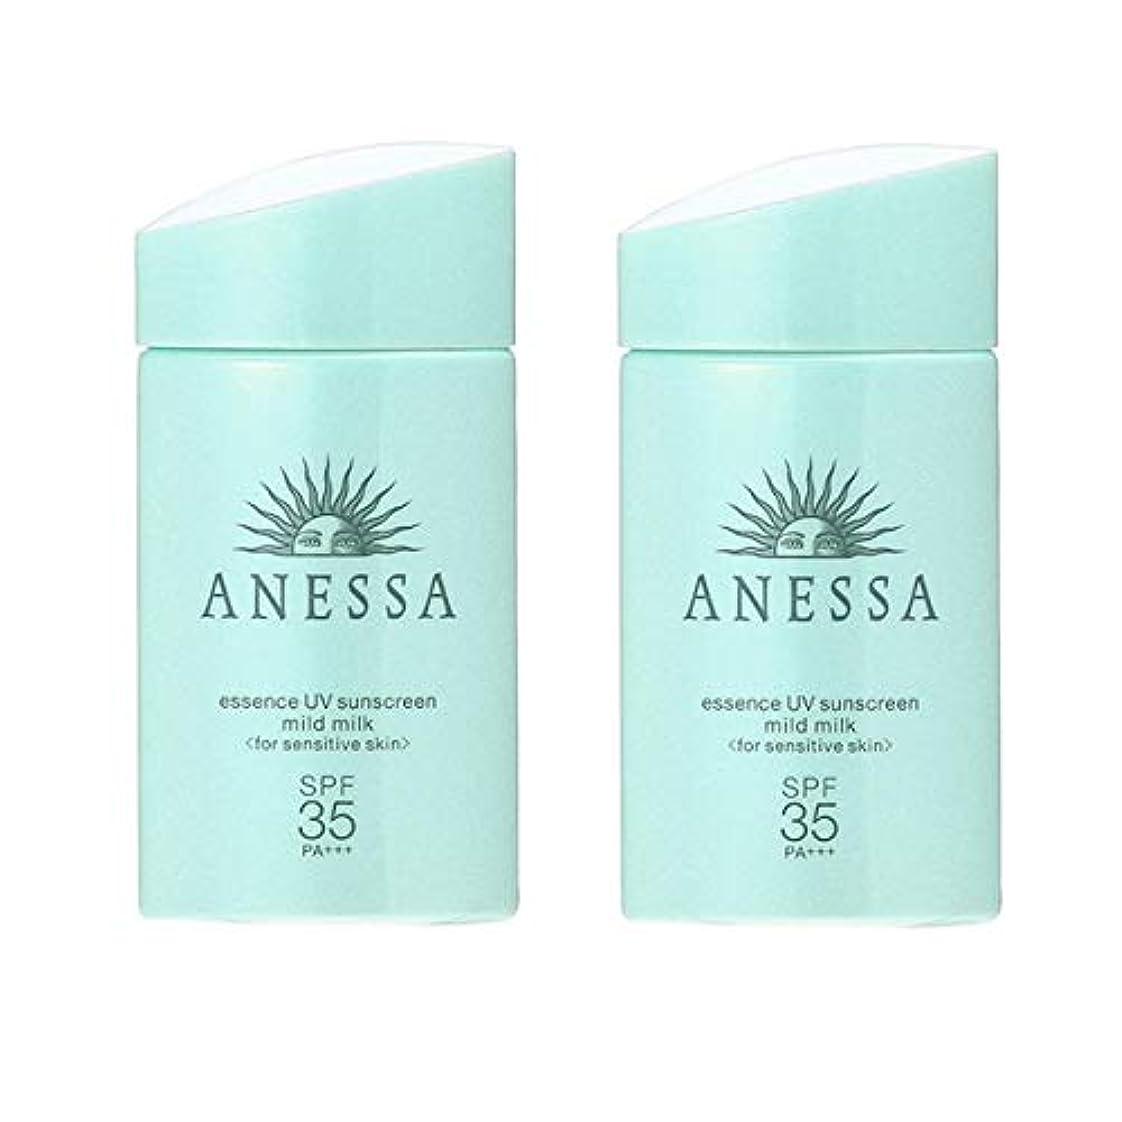 整理する苦いカーフ【セット】資生堂 アネッサ ANESSA エッセンスUV マイルドミルク SPF35/PA+++ 60mL 2個セット